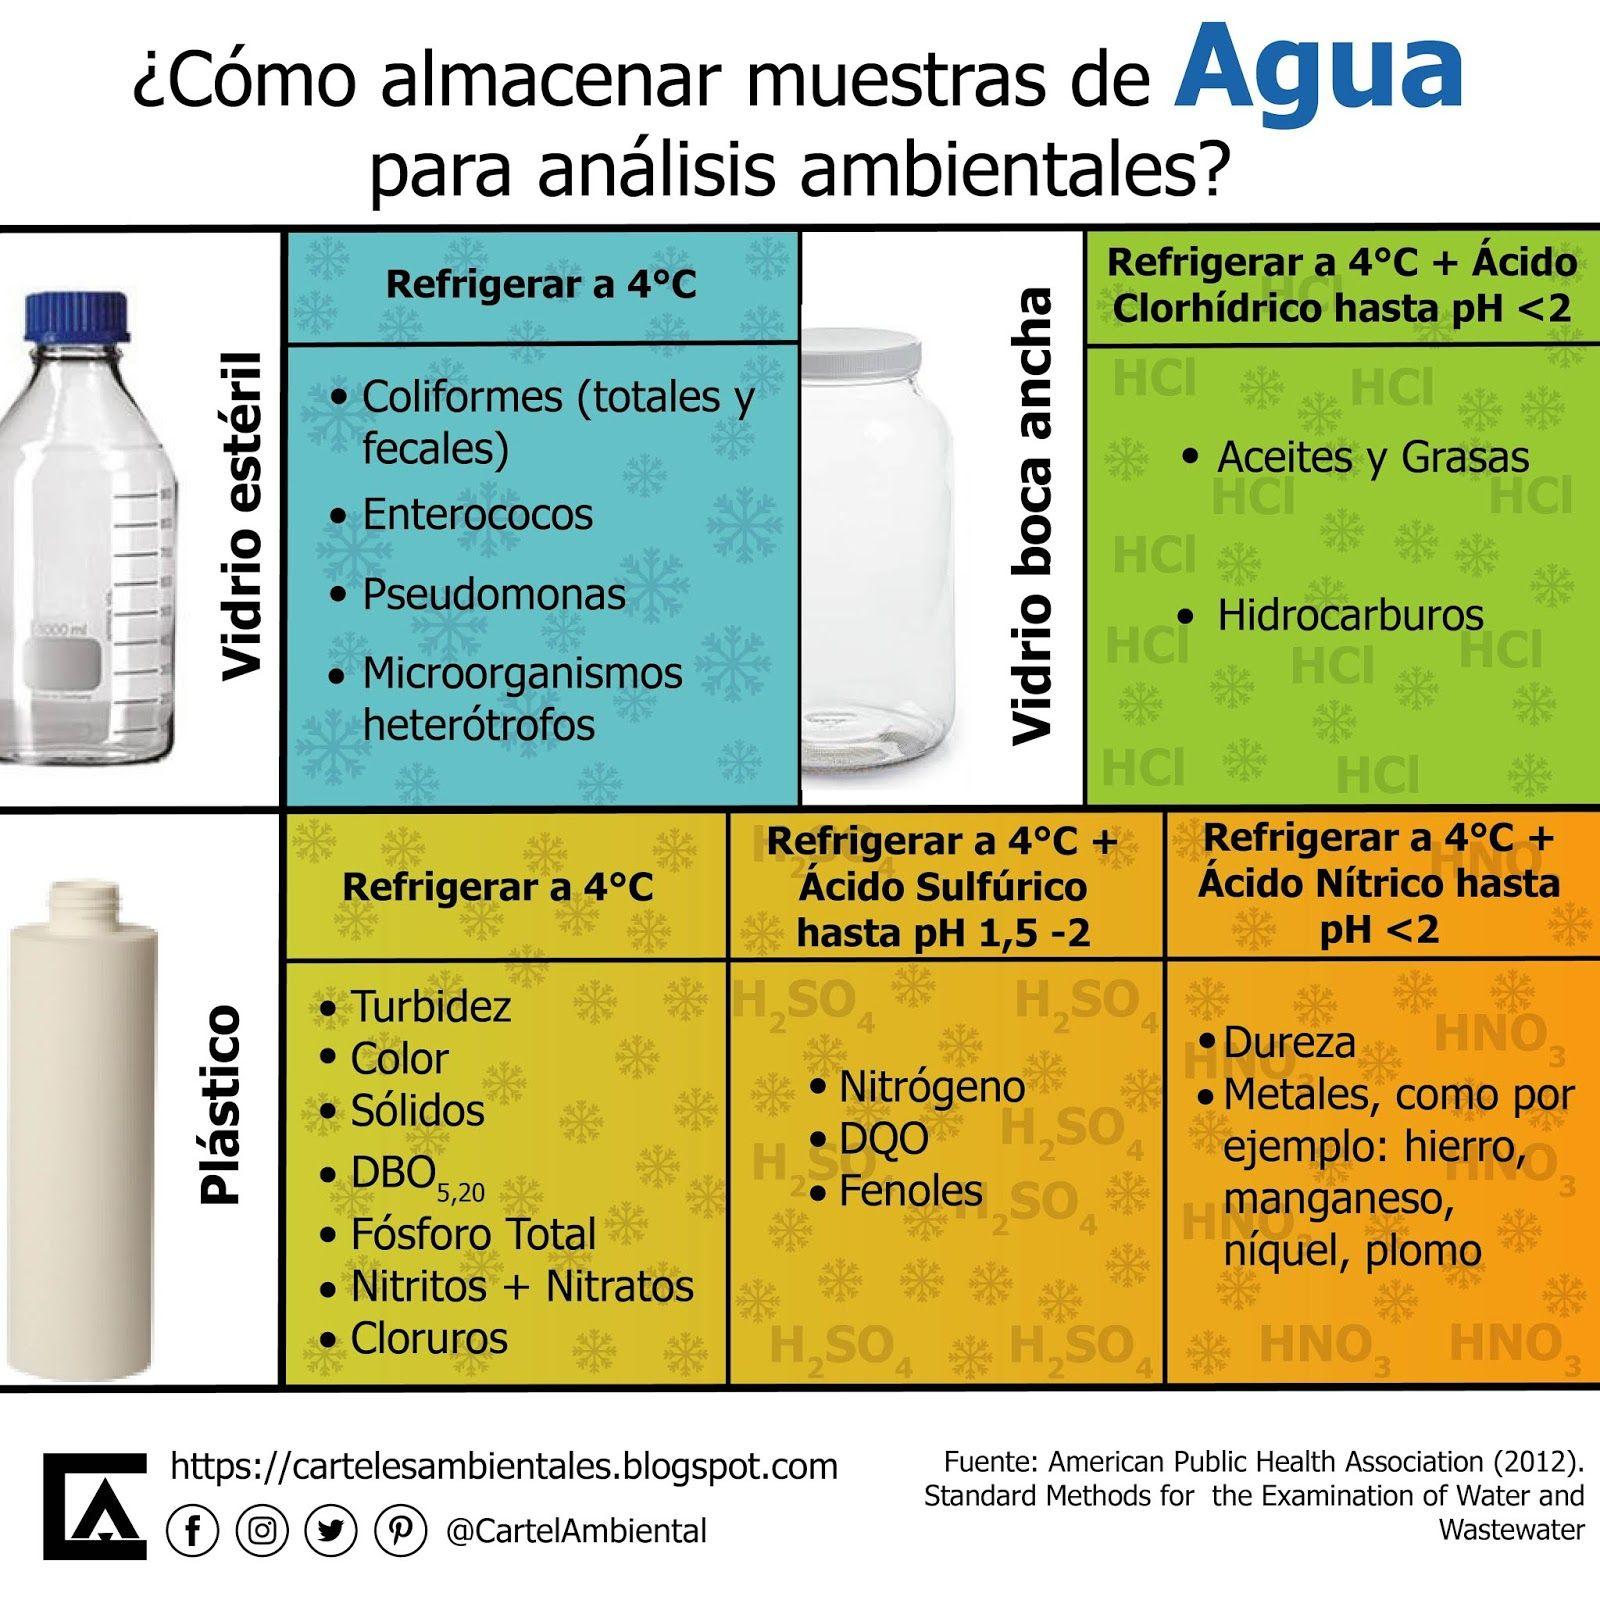 Carteles Ambientales Almacenando Muestras De Agua Like A Boss Ambiente Agua Muestras Laboratorio Ingeniería Quimca Análisis Ambiental Agua Ambientales